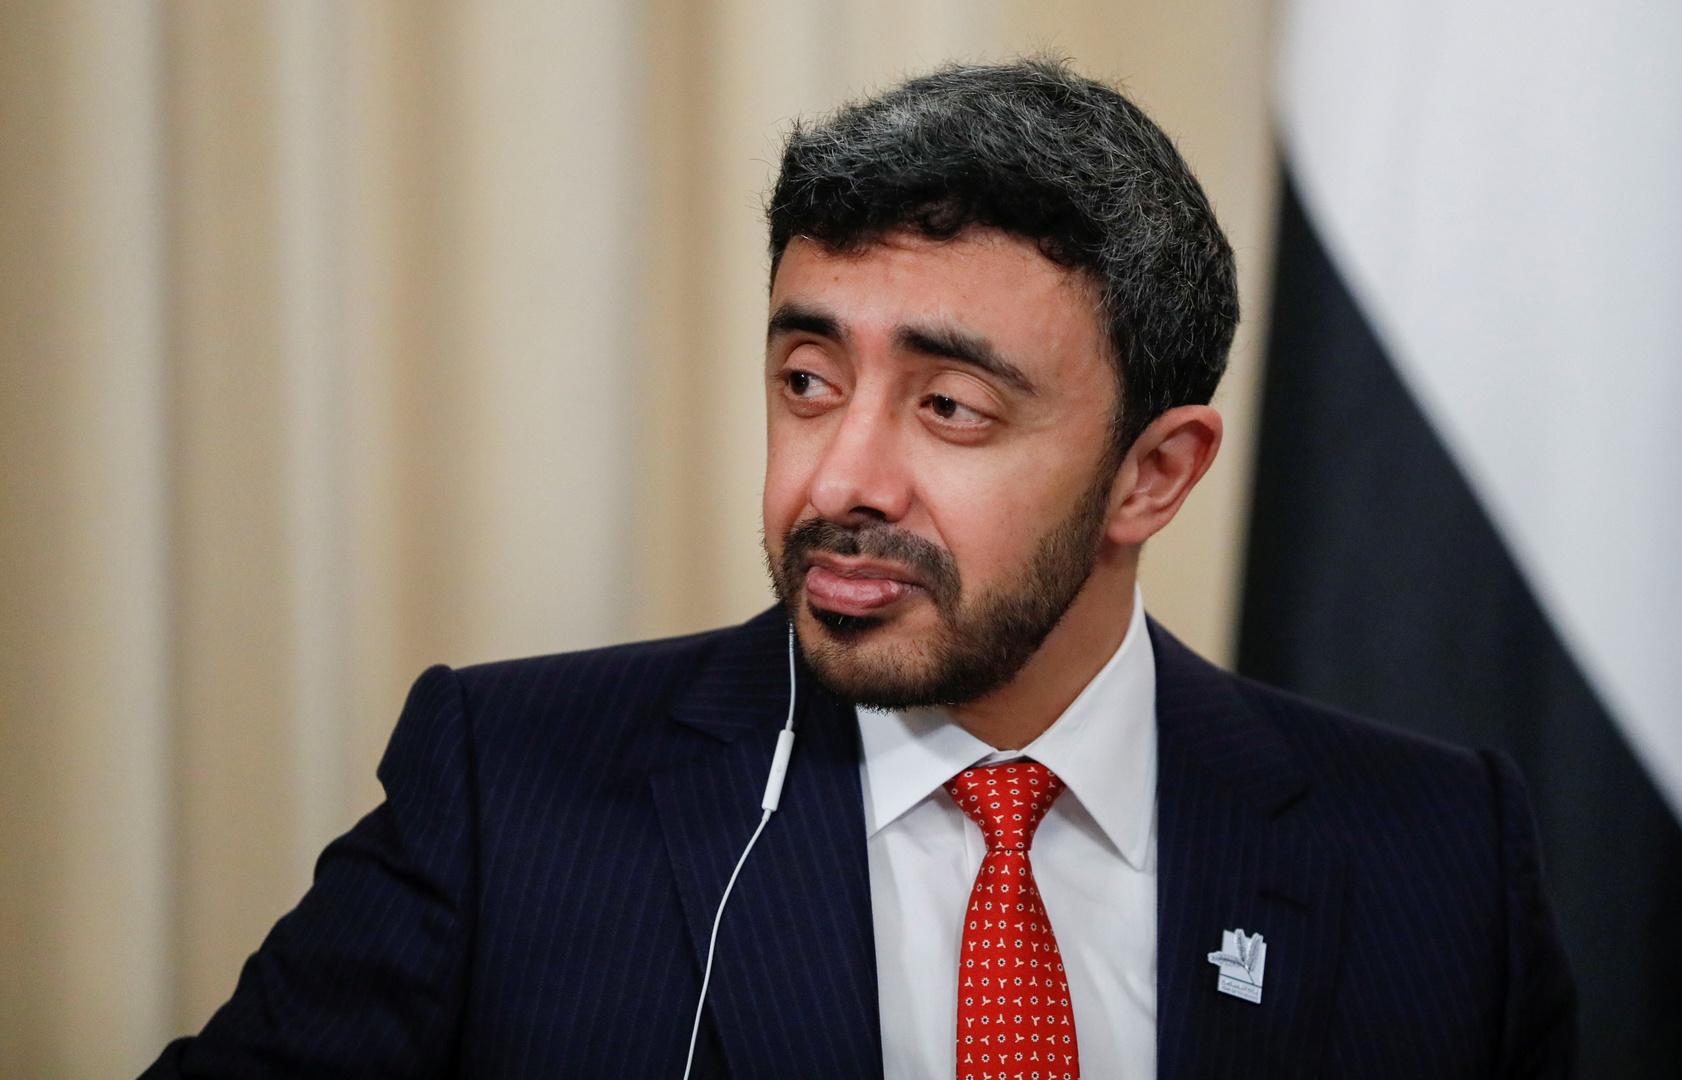 وزير الخارجية الإماراتي، عبد الله بن زايد آل نهيان.